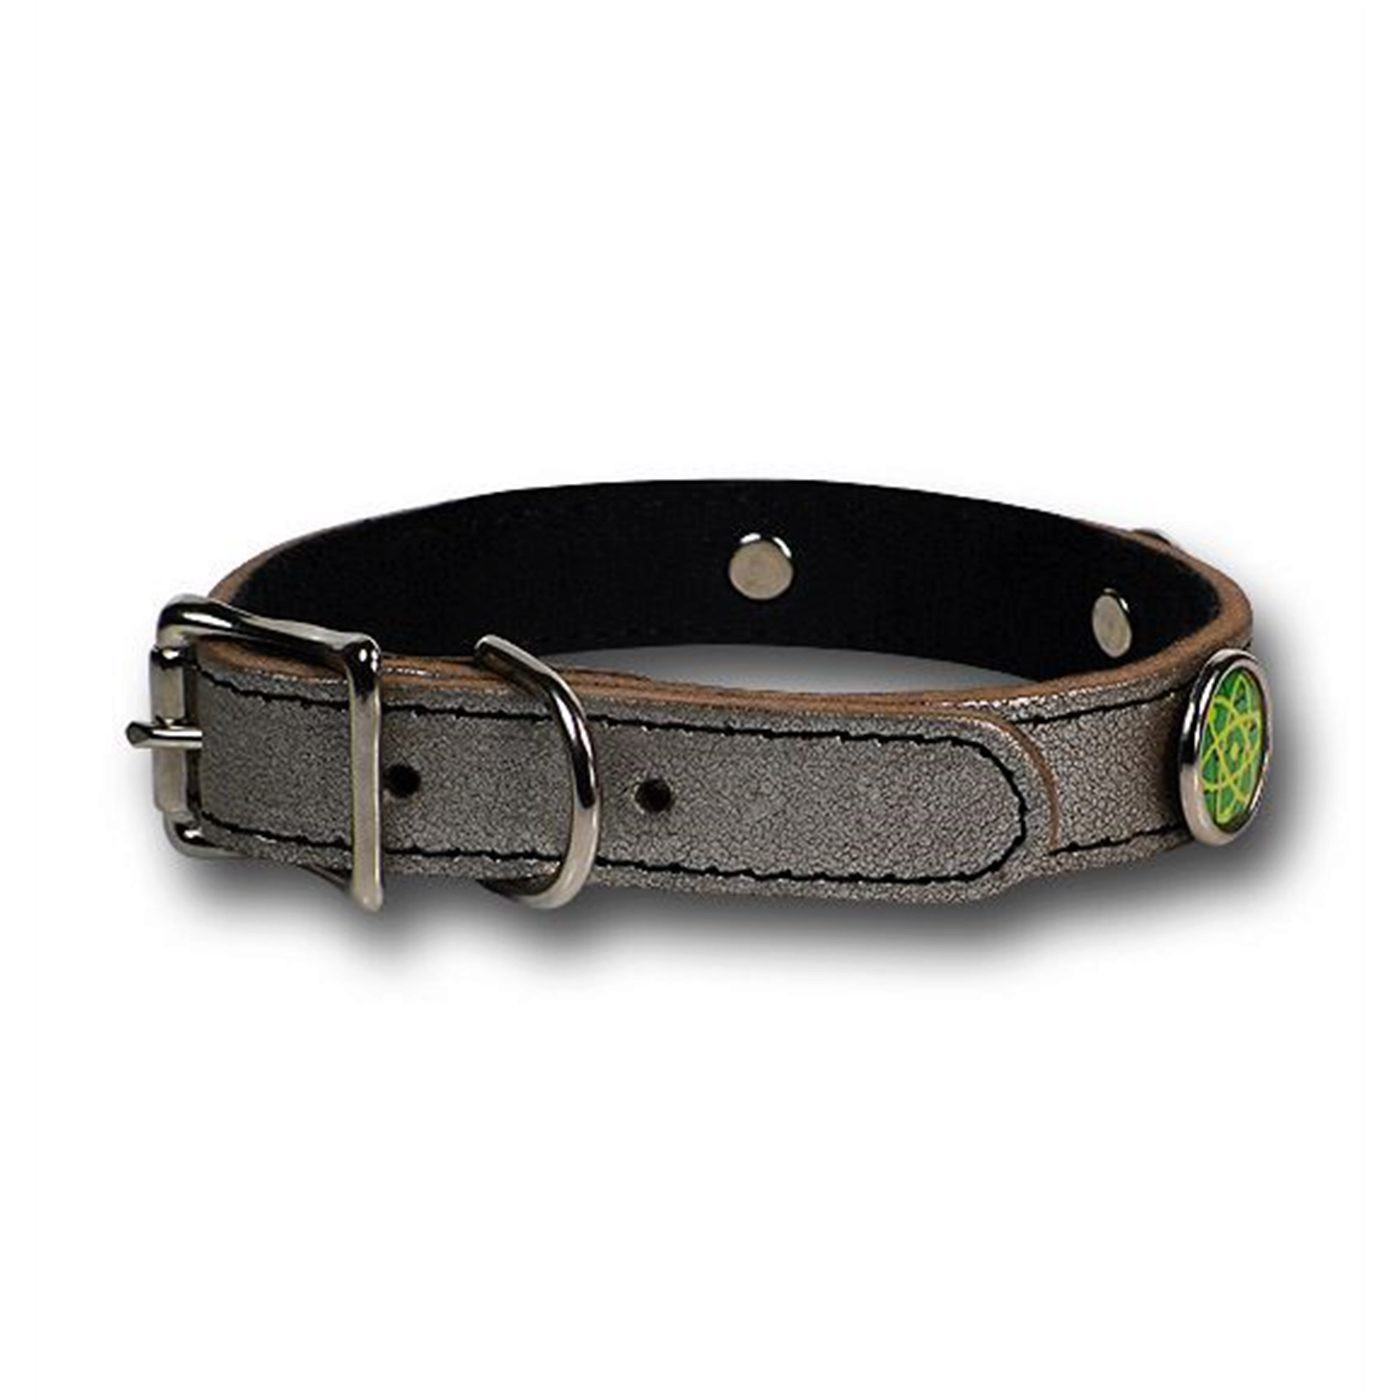 Hulk Dog Collar/Leash Combo